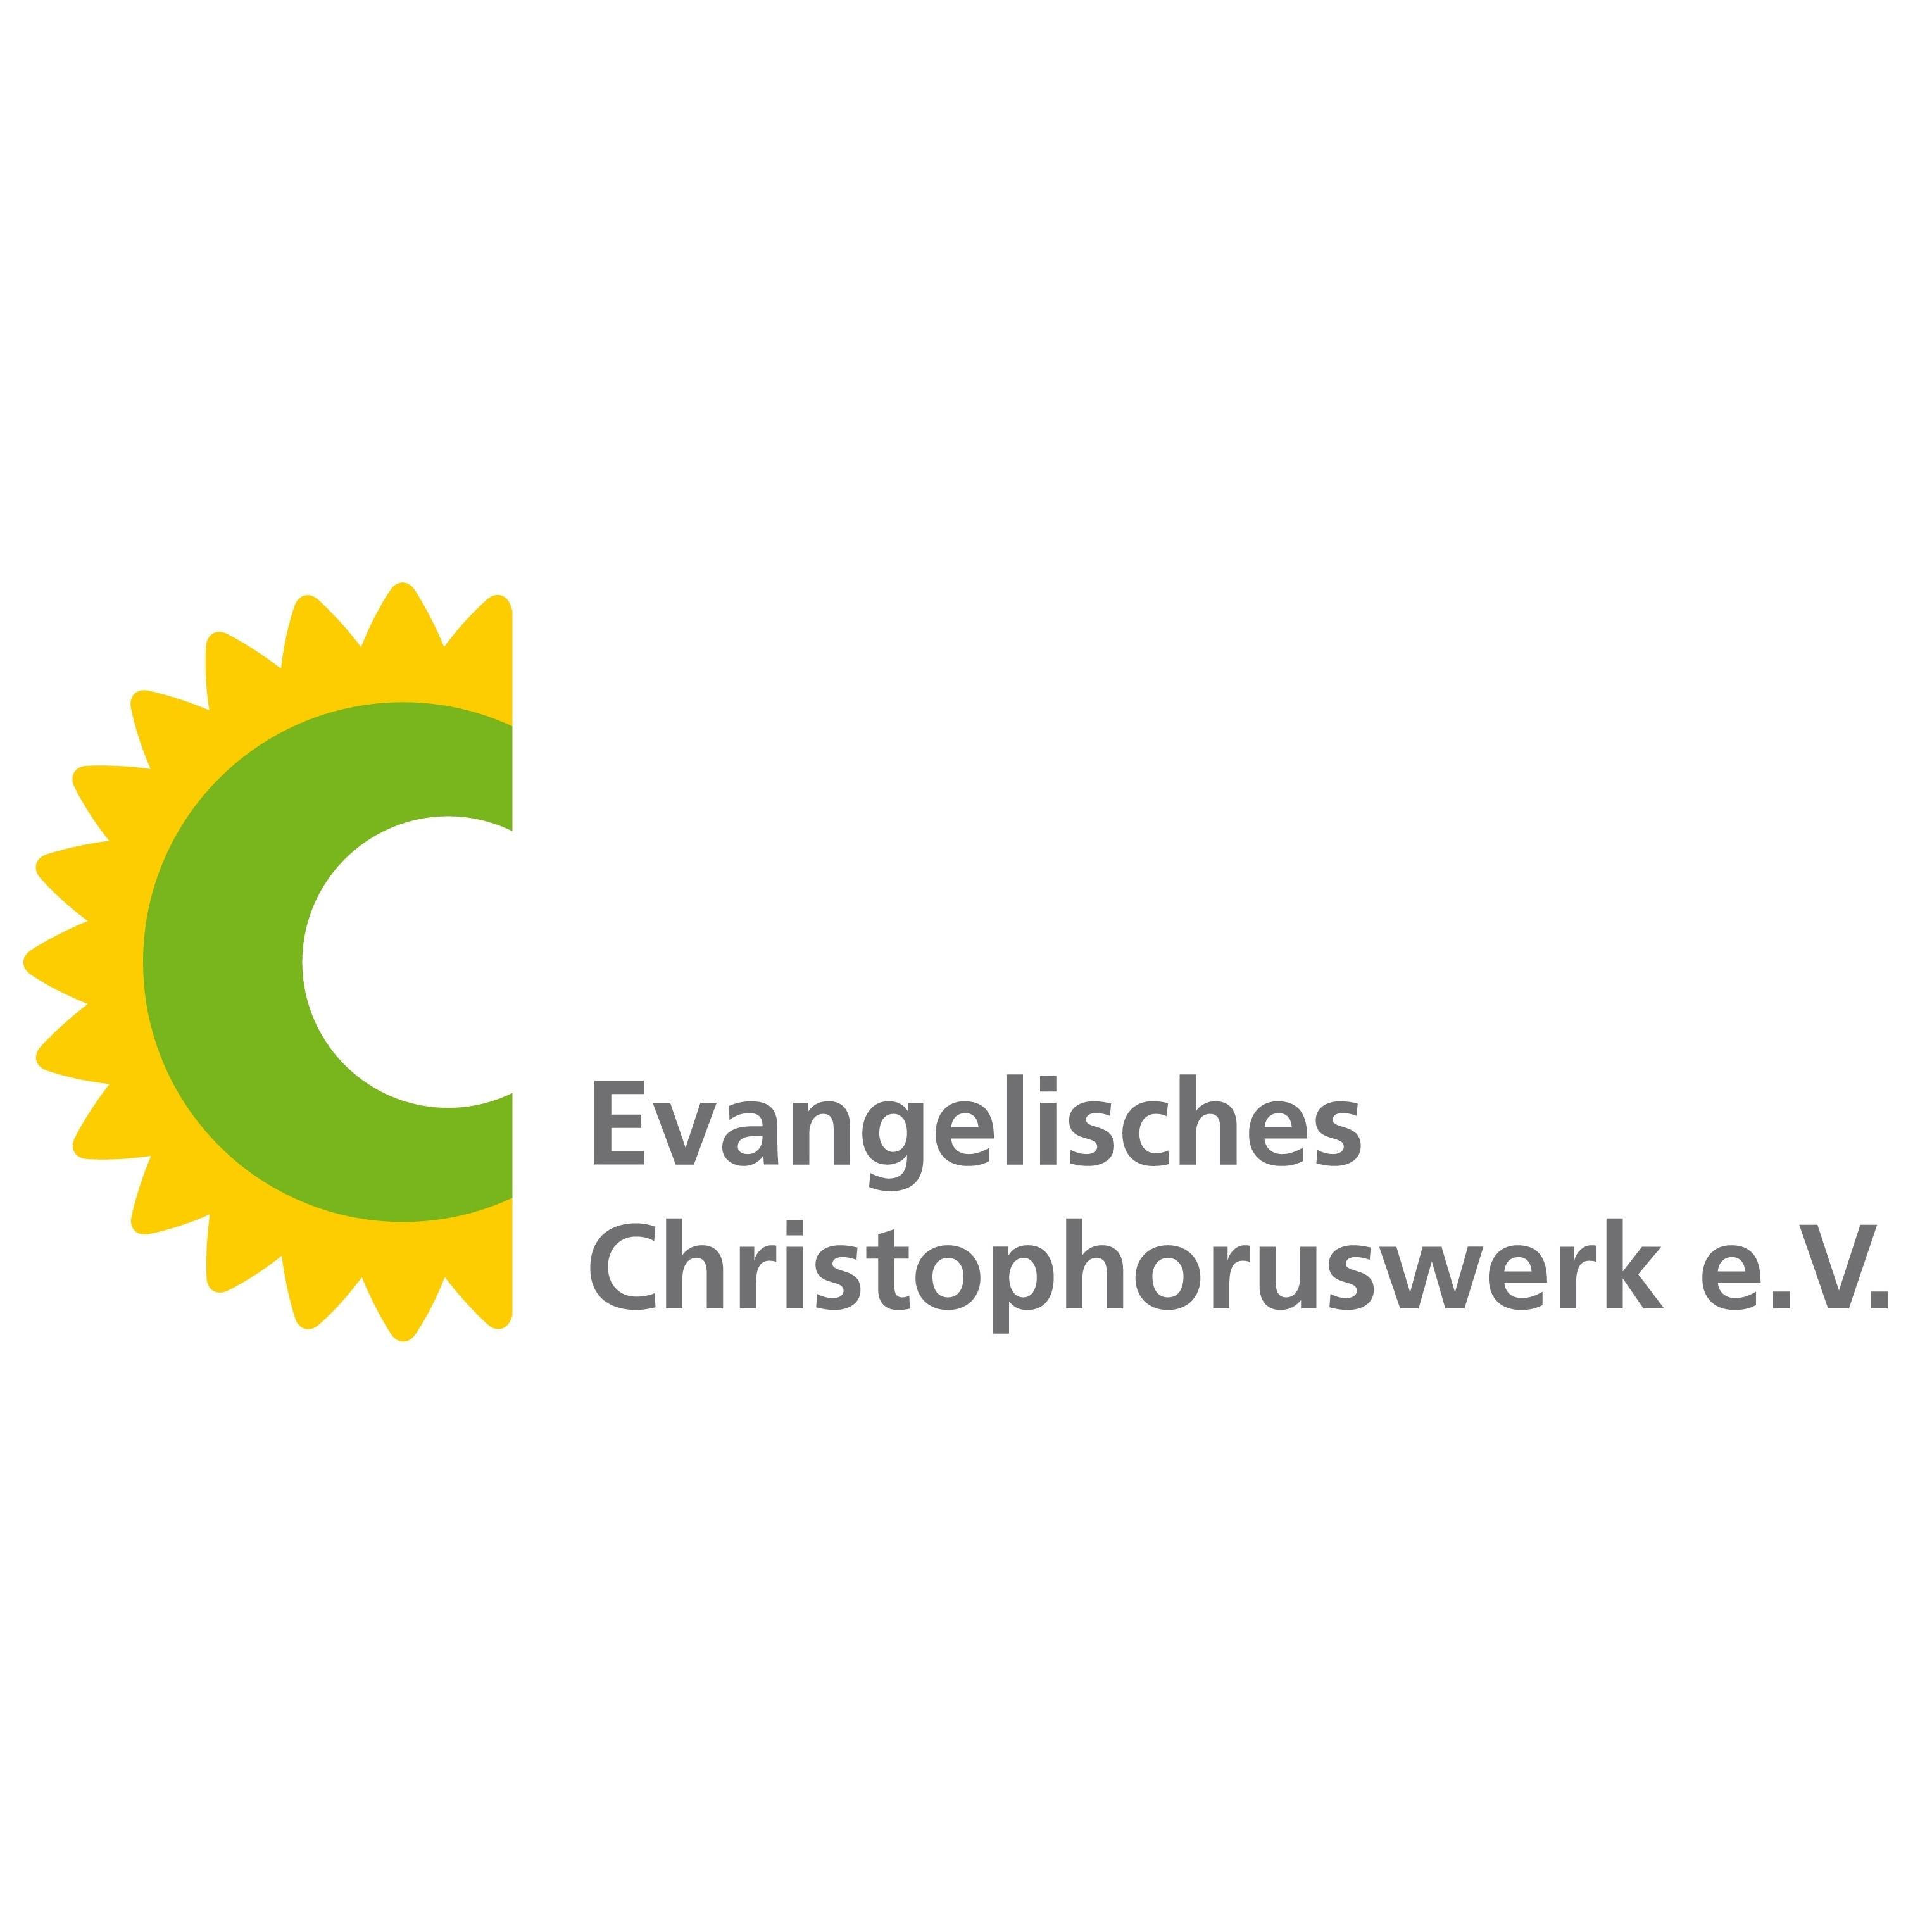 Evangelisches Christophoruswerk e.V.